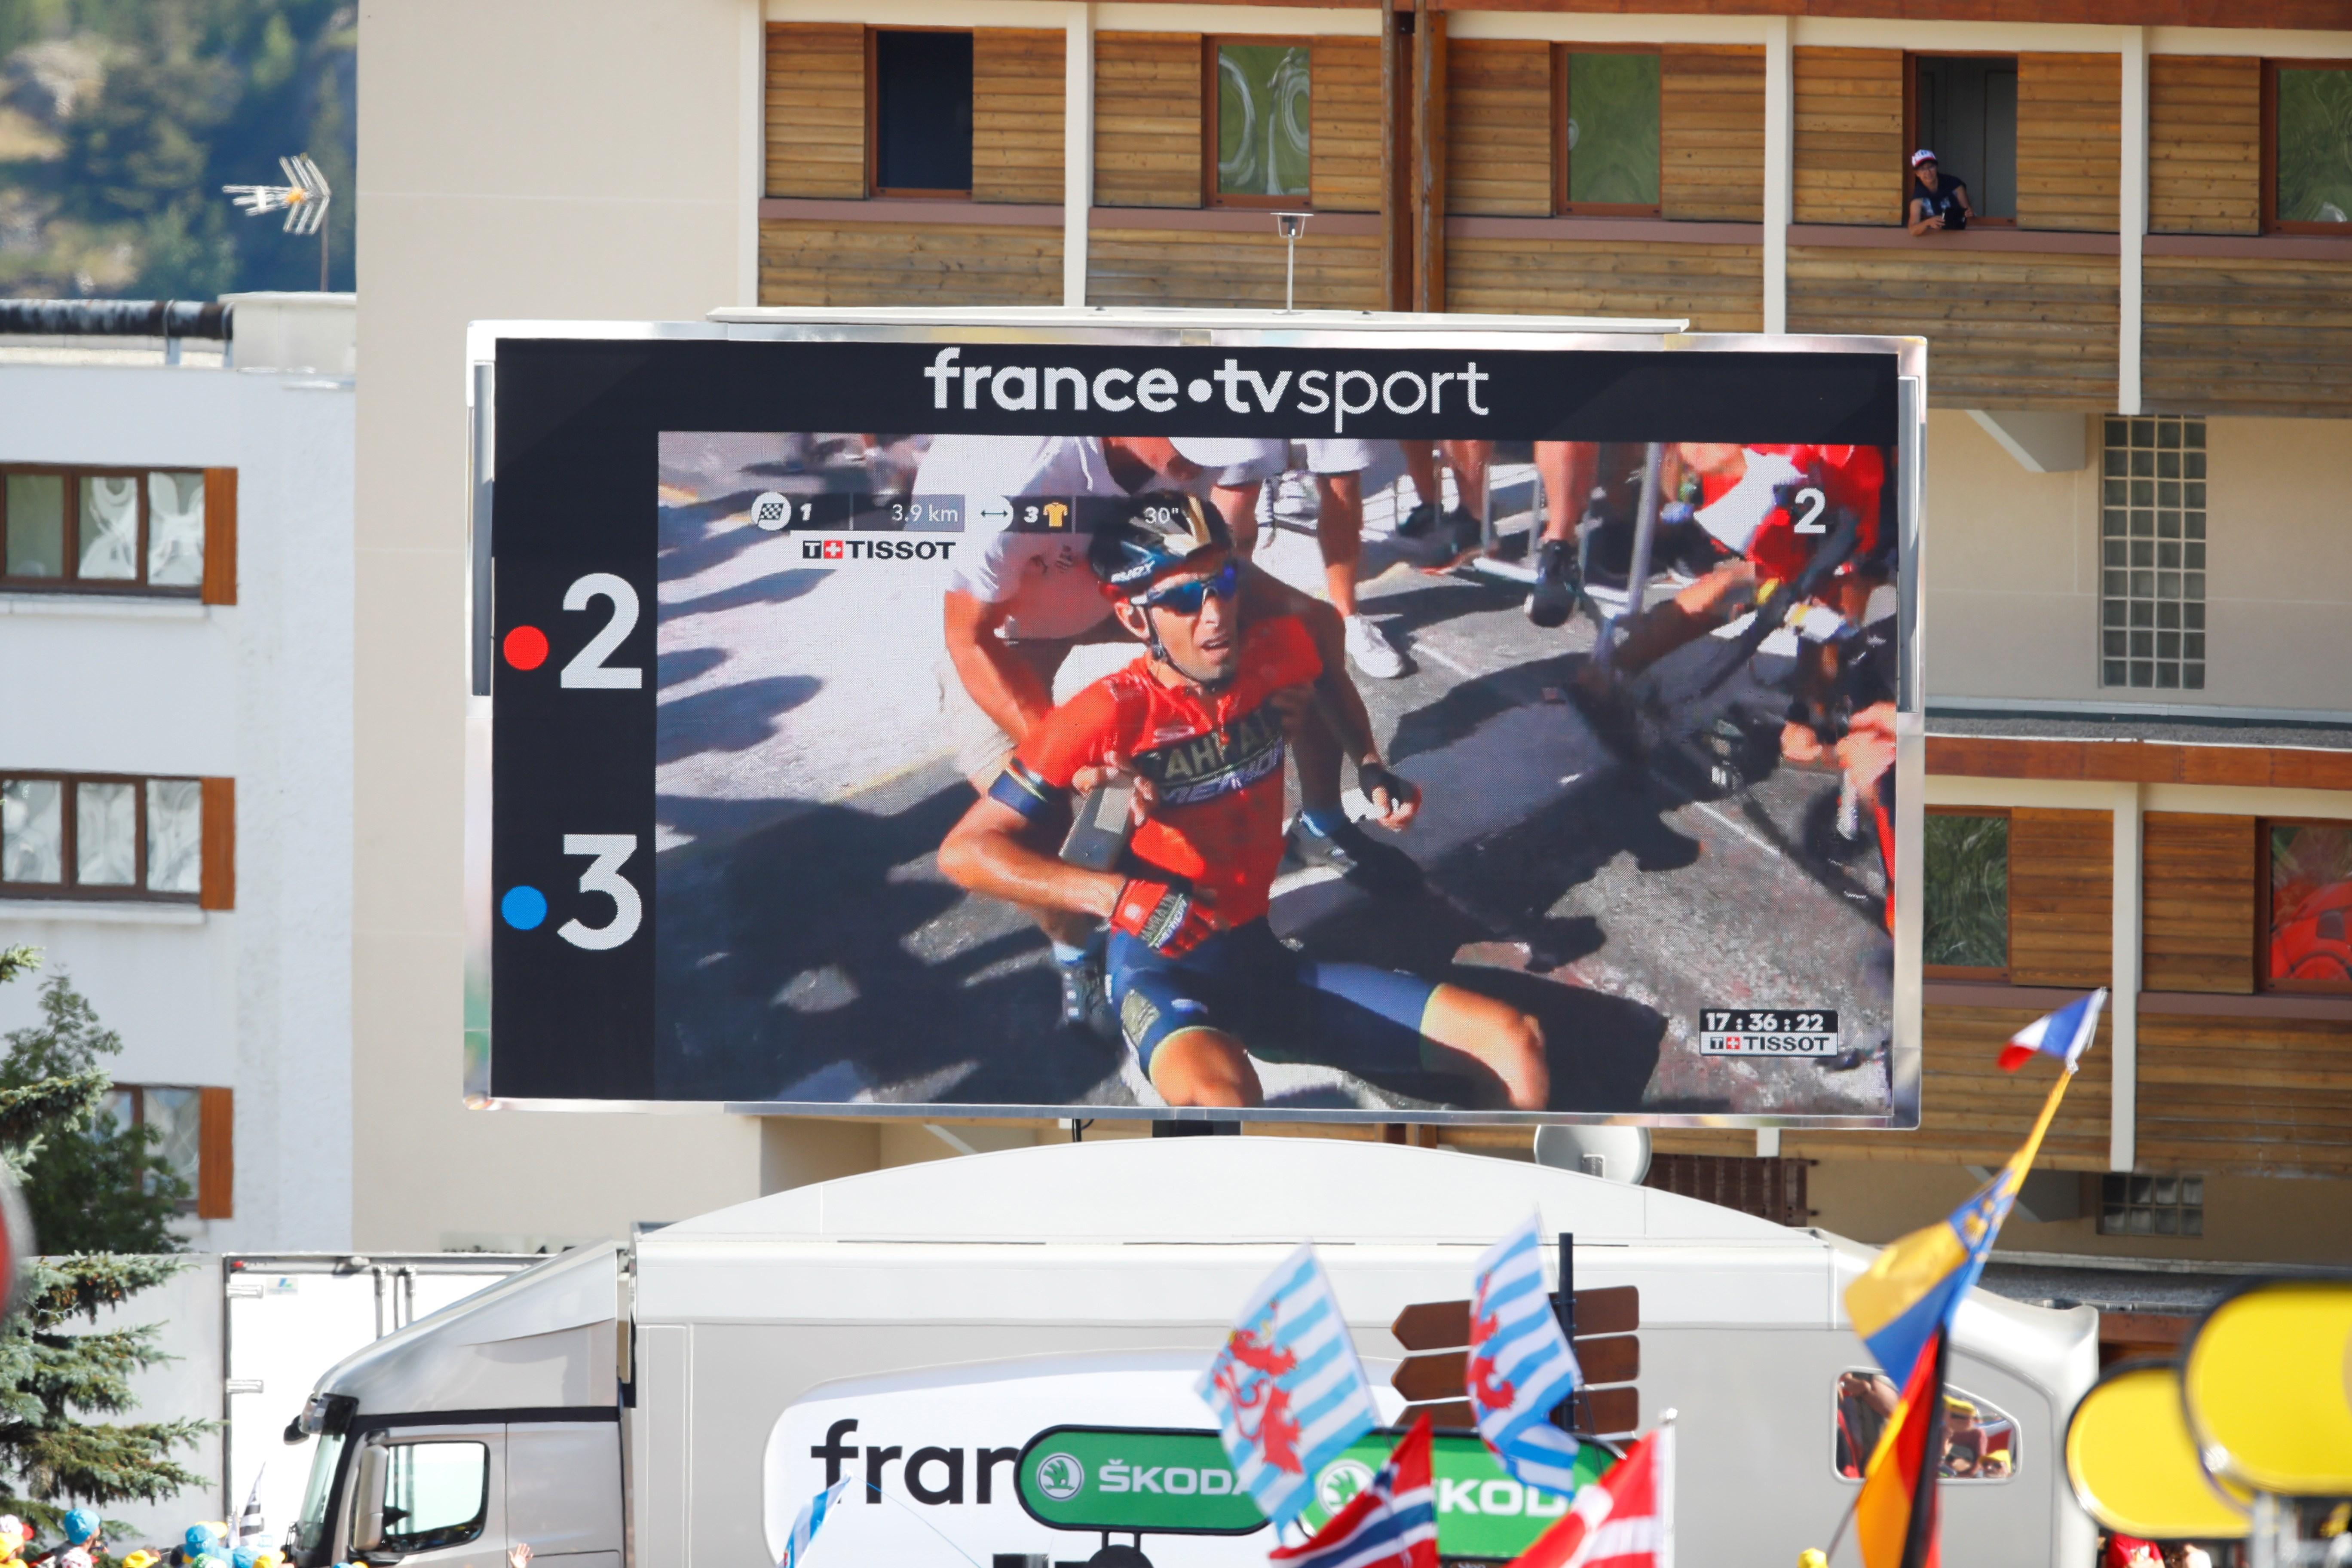 Un aficionado, responsable de la caída y posterior abandono de Nibali del Tour